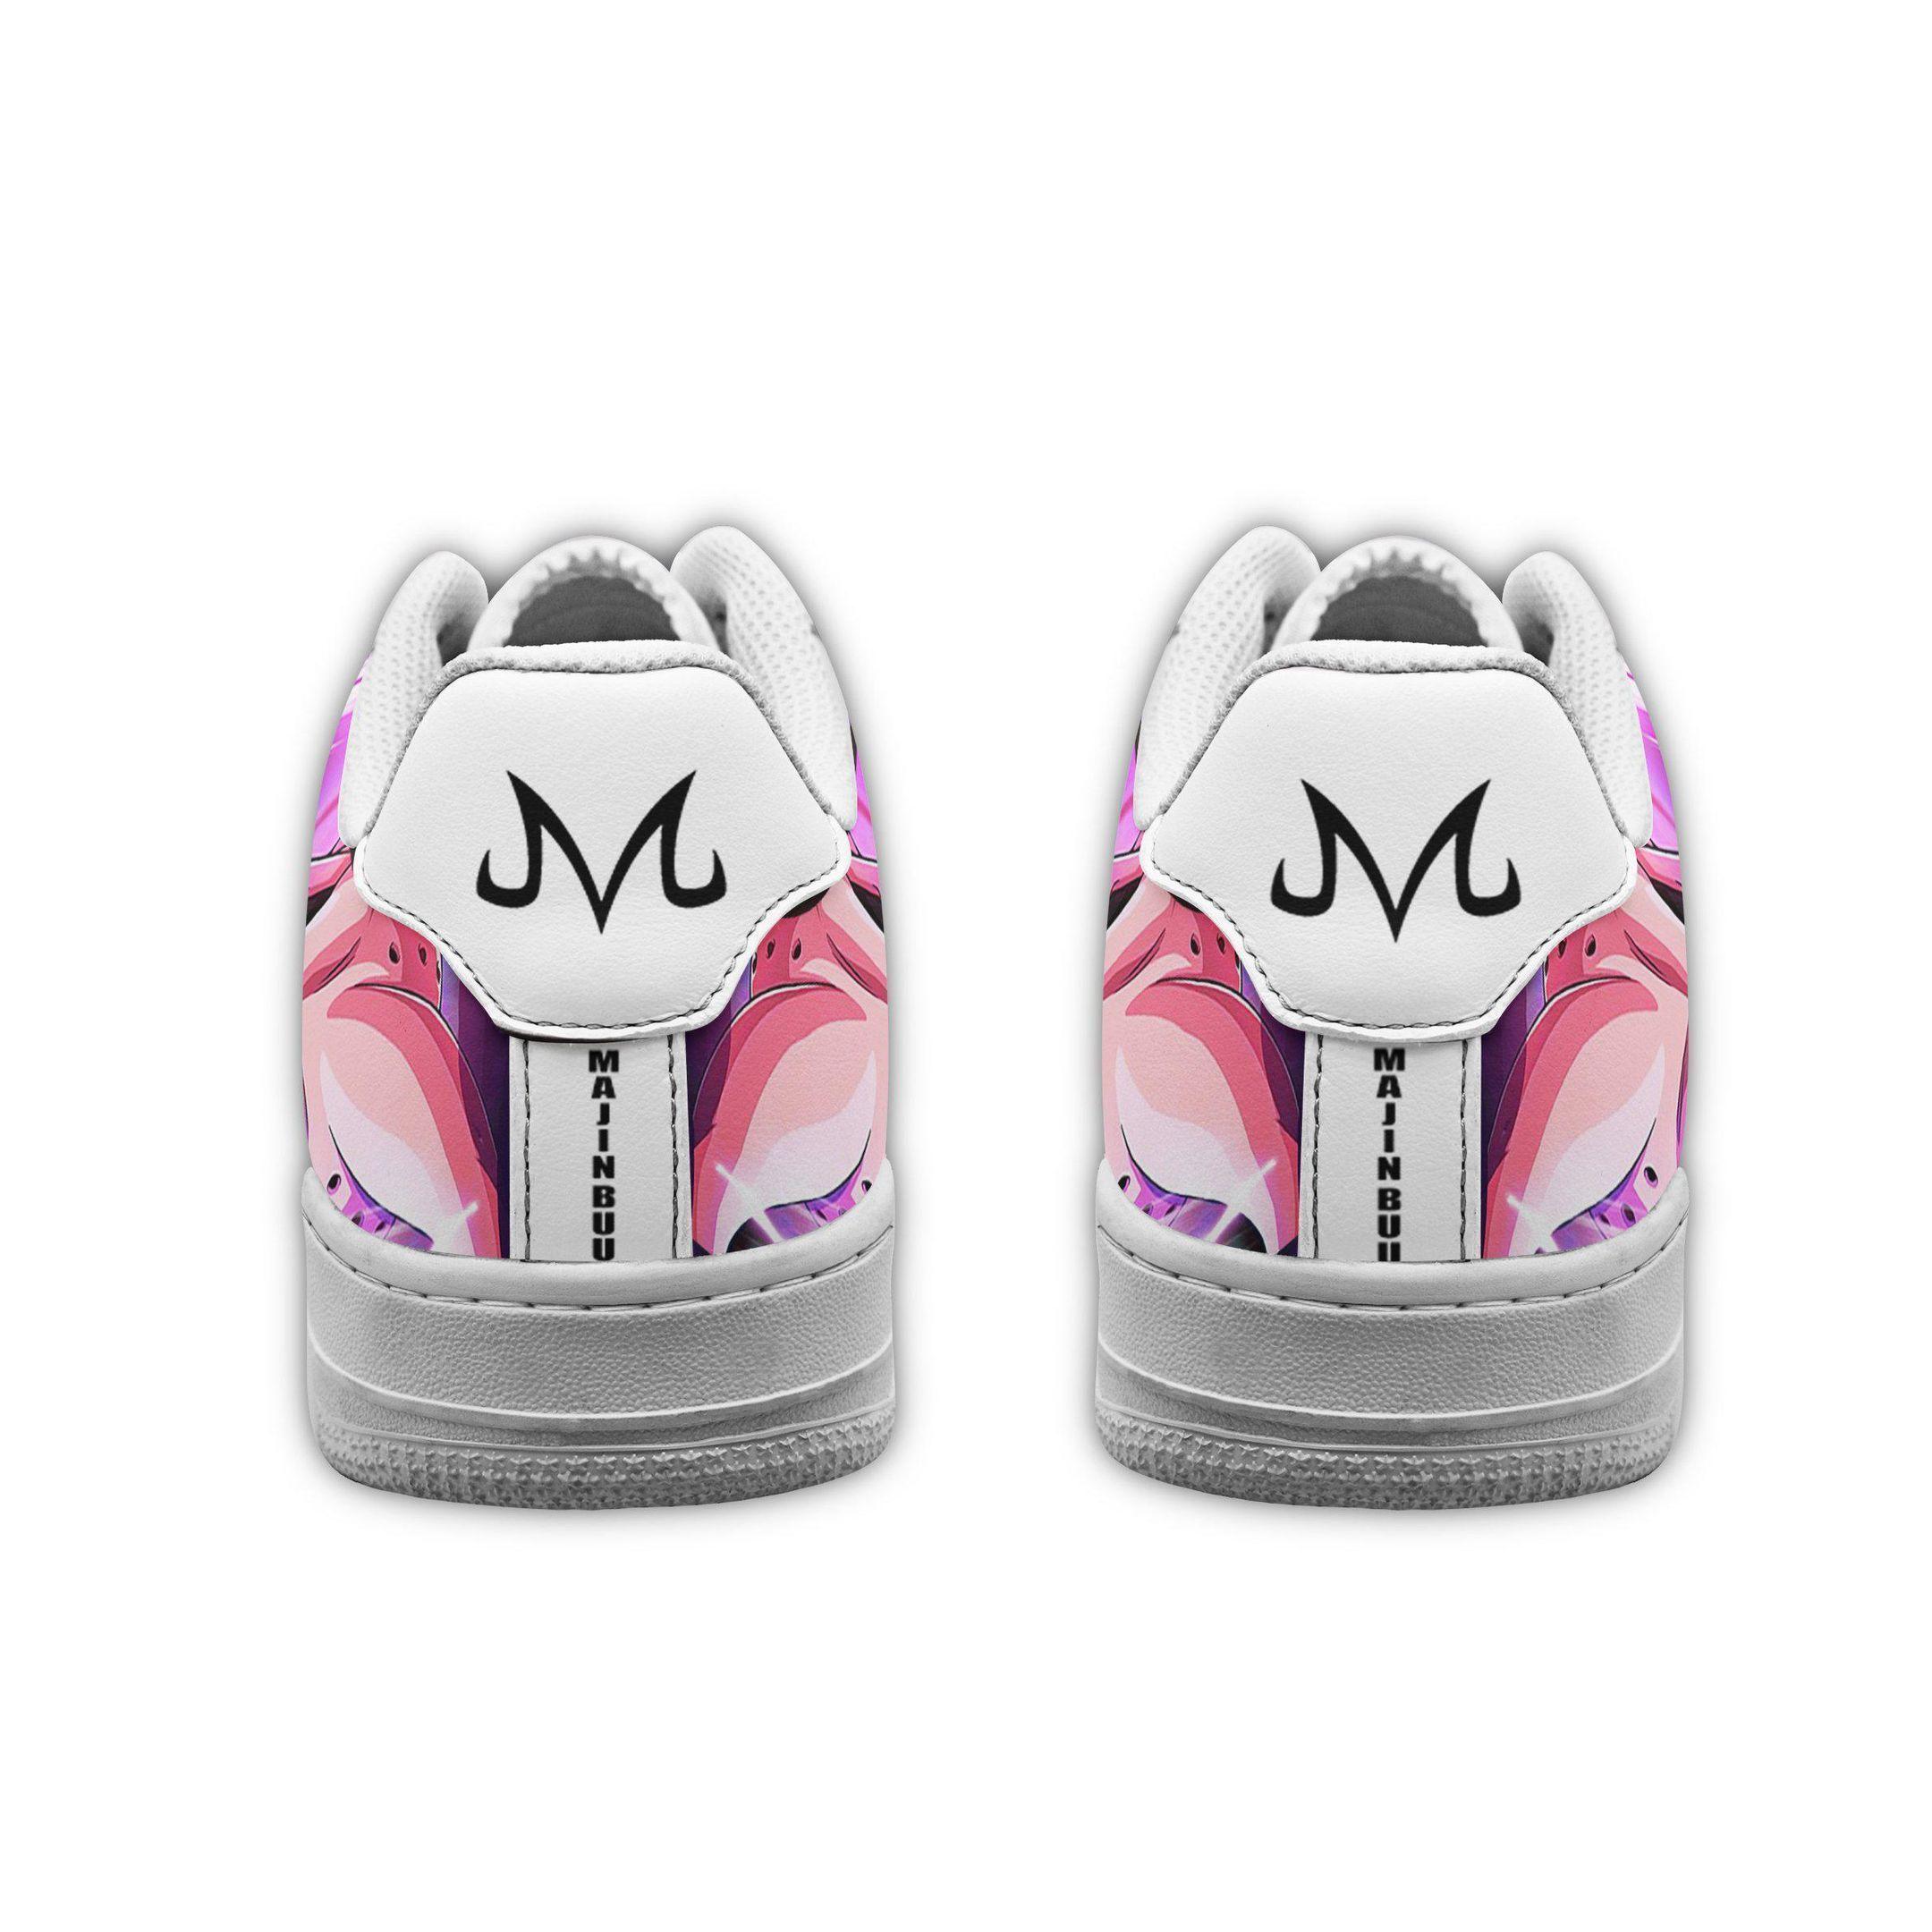 Majin Buu Air Shoes Dragon Ball Z Anime Shoes Fan Gift GO1012